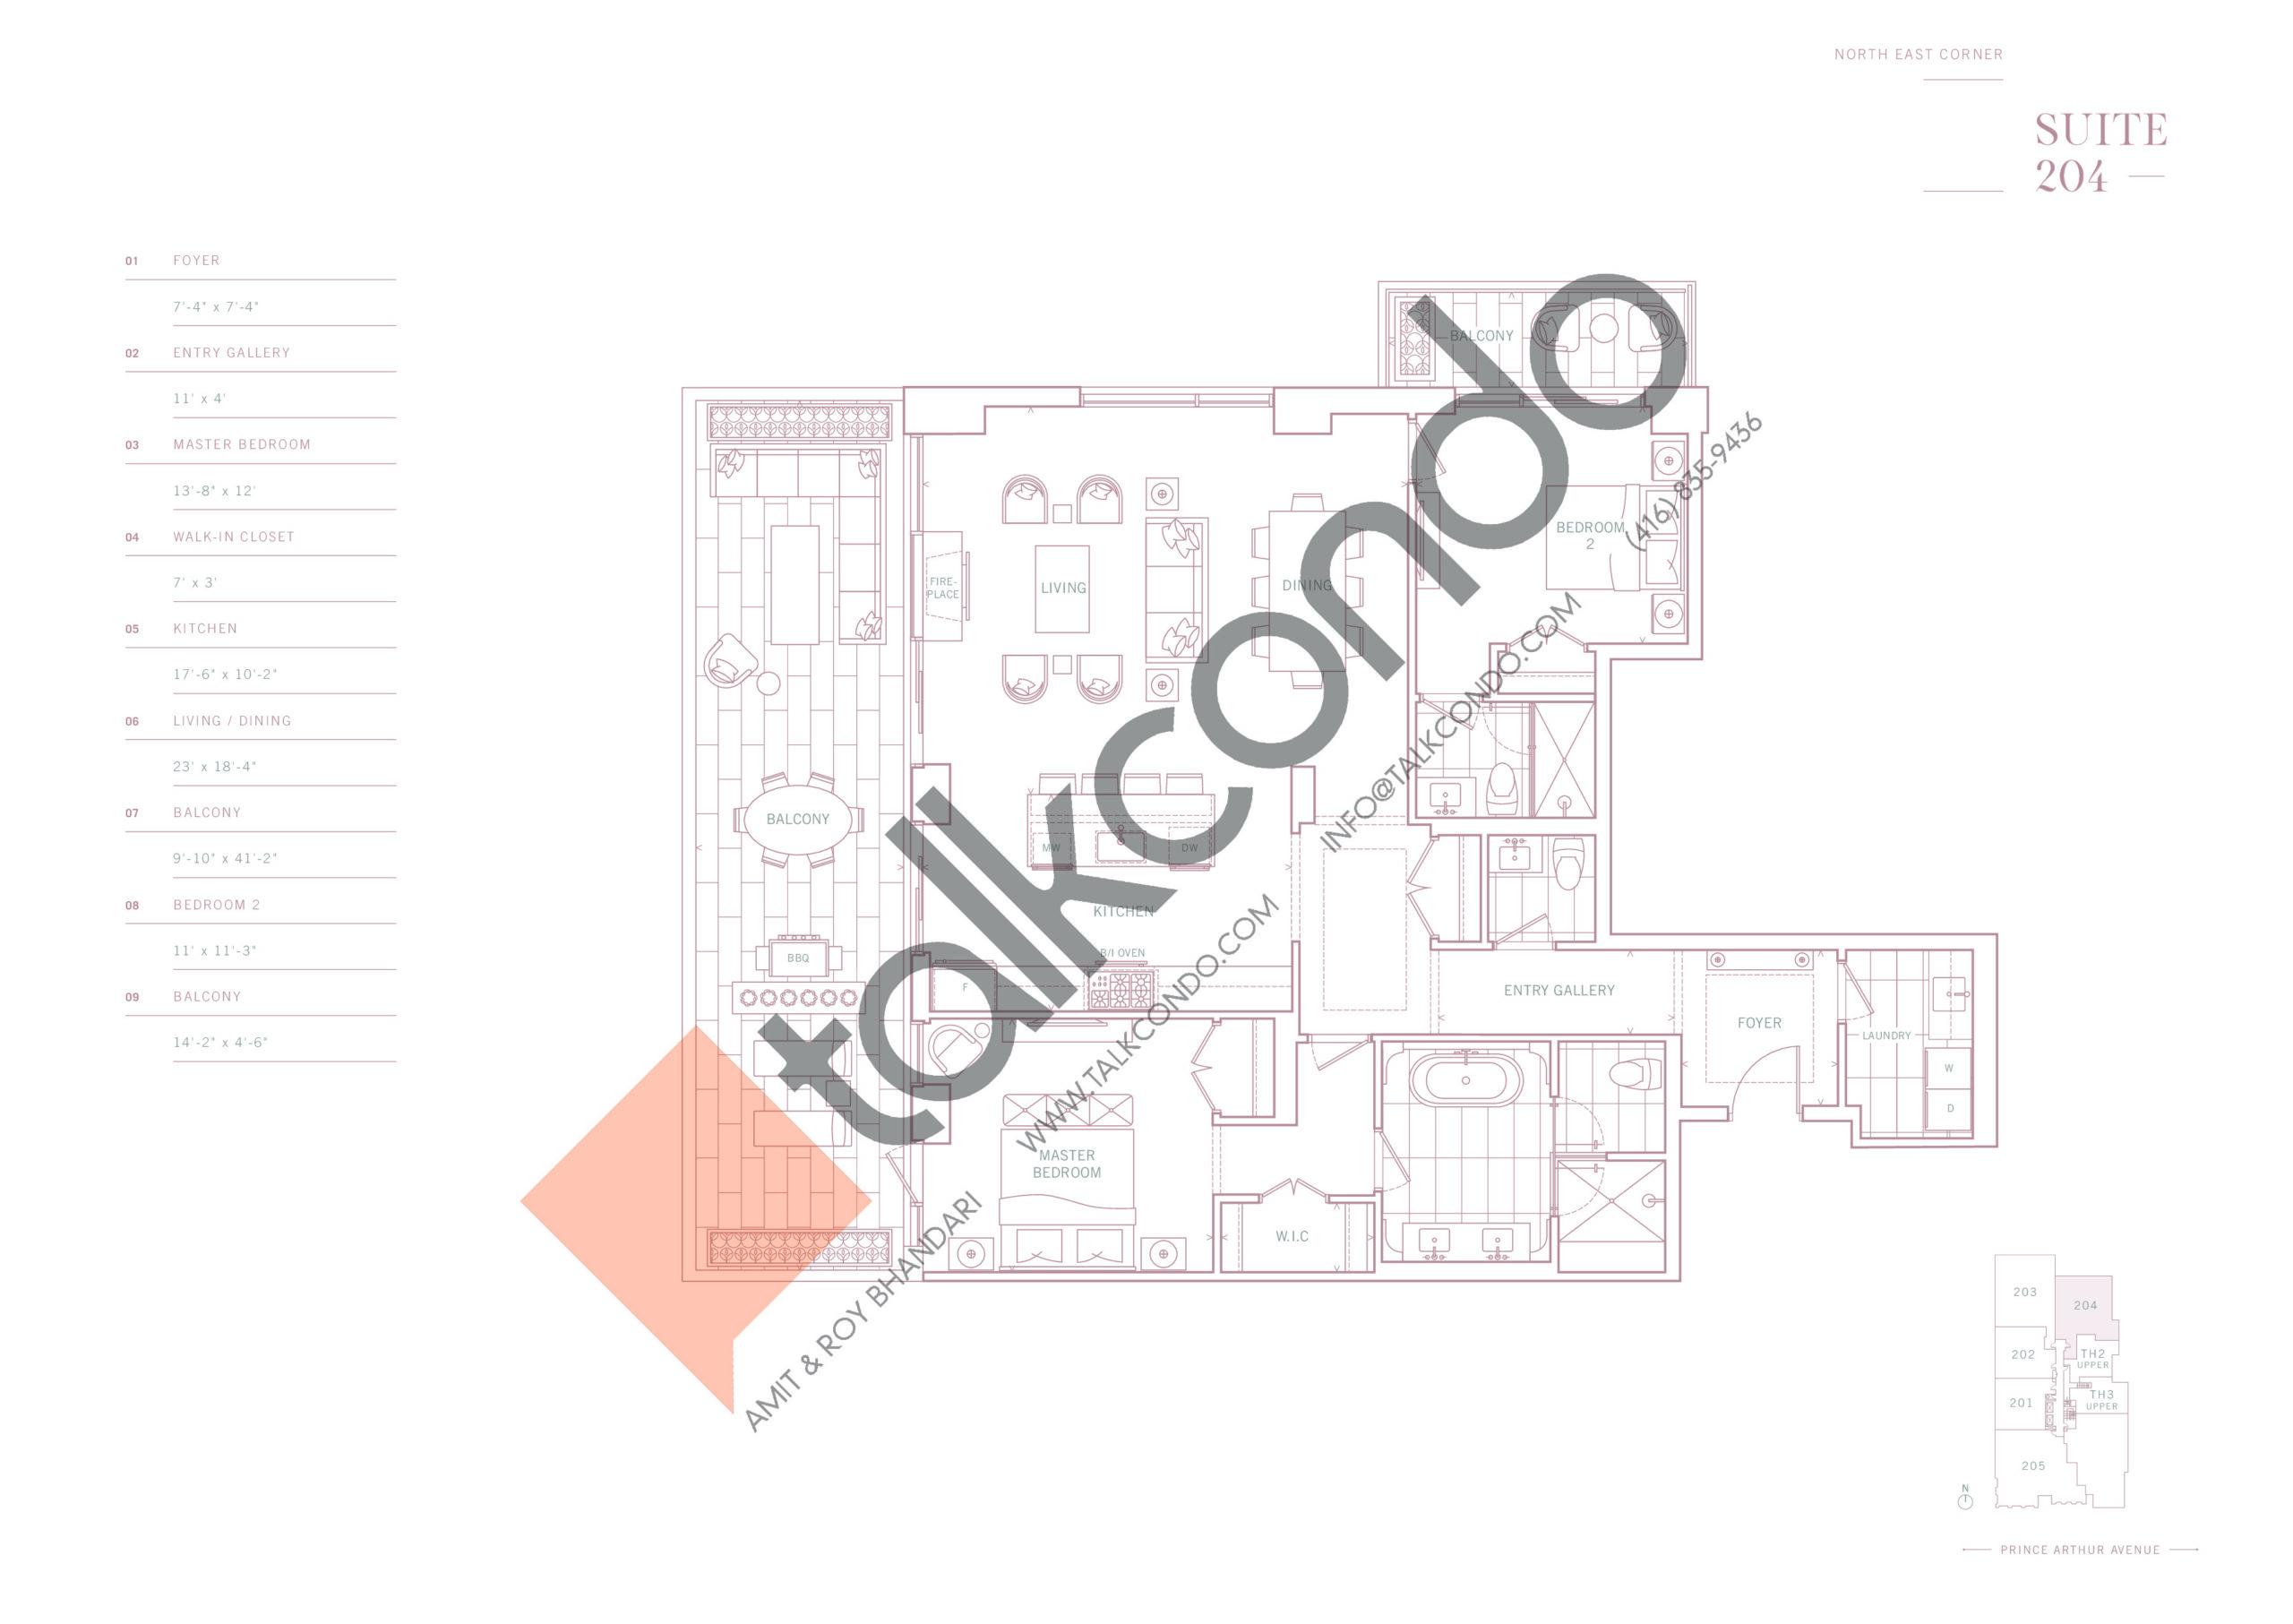 Suite 204 Floor Plan at 10 Prince Arthur Condos - 1646 sq.ft